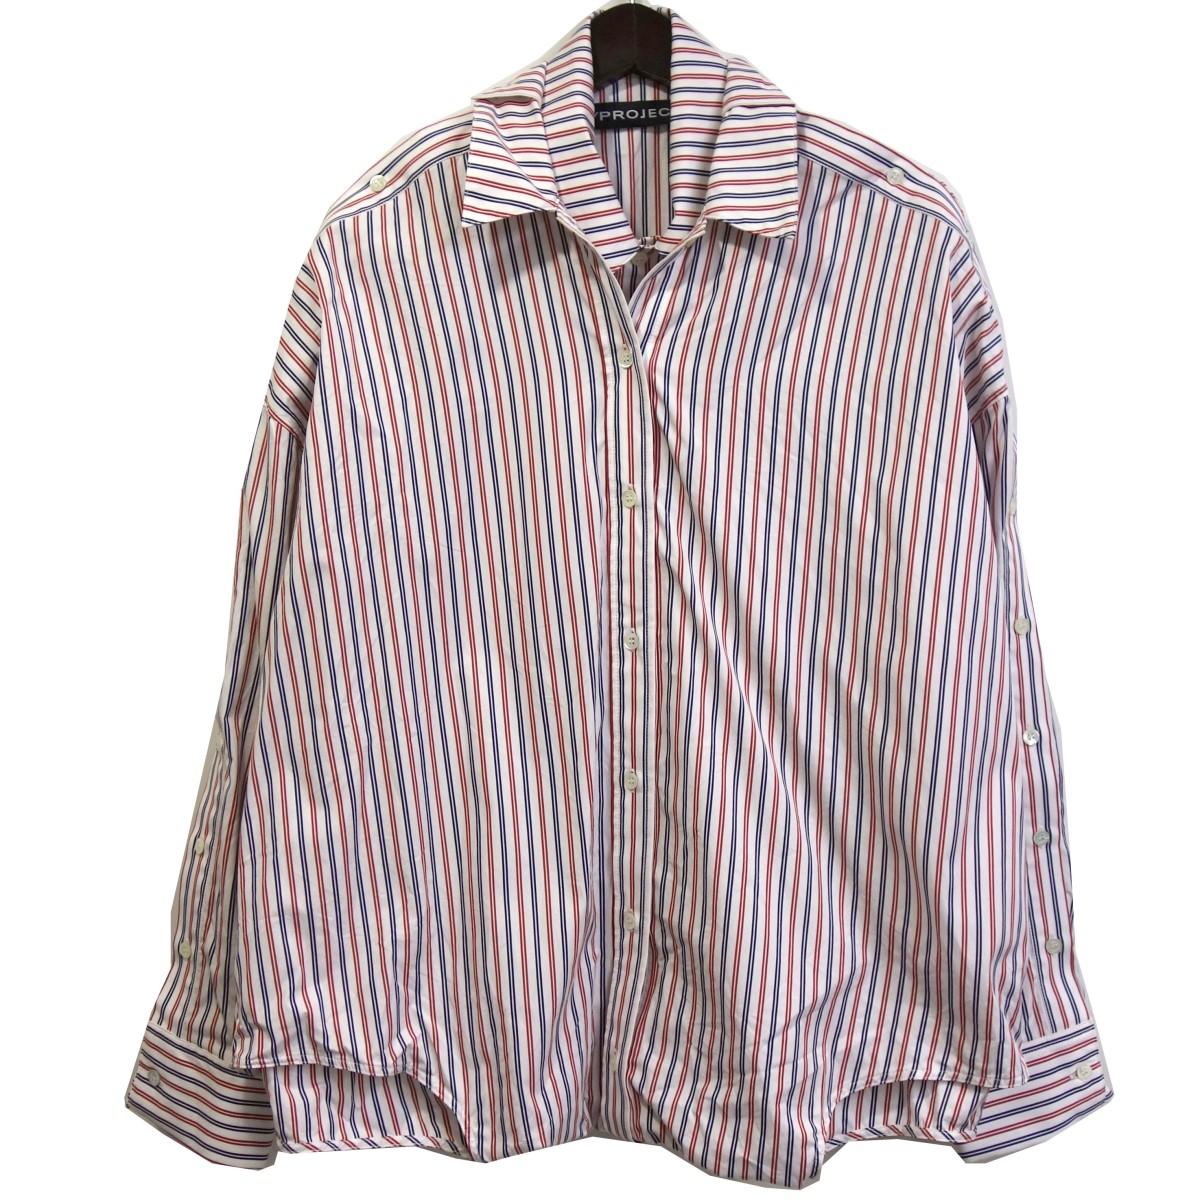 【中古】Y/PROJECTオーバーサイズレイヤードストライプシャツ ホワイト×レッド サイズ:XS 【7月6日見直し】